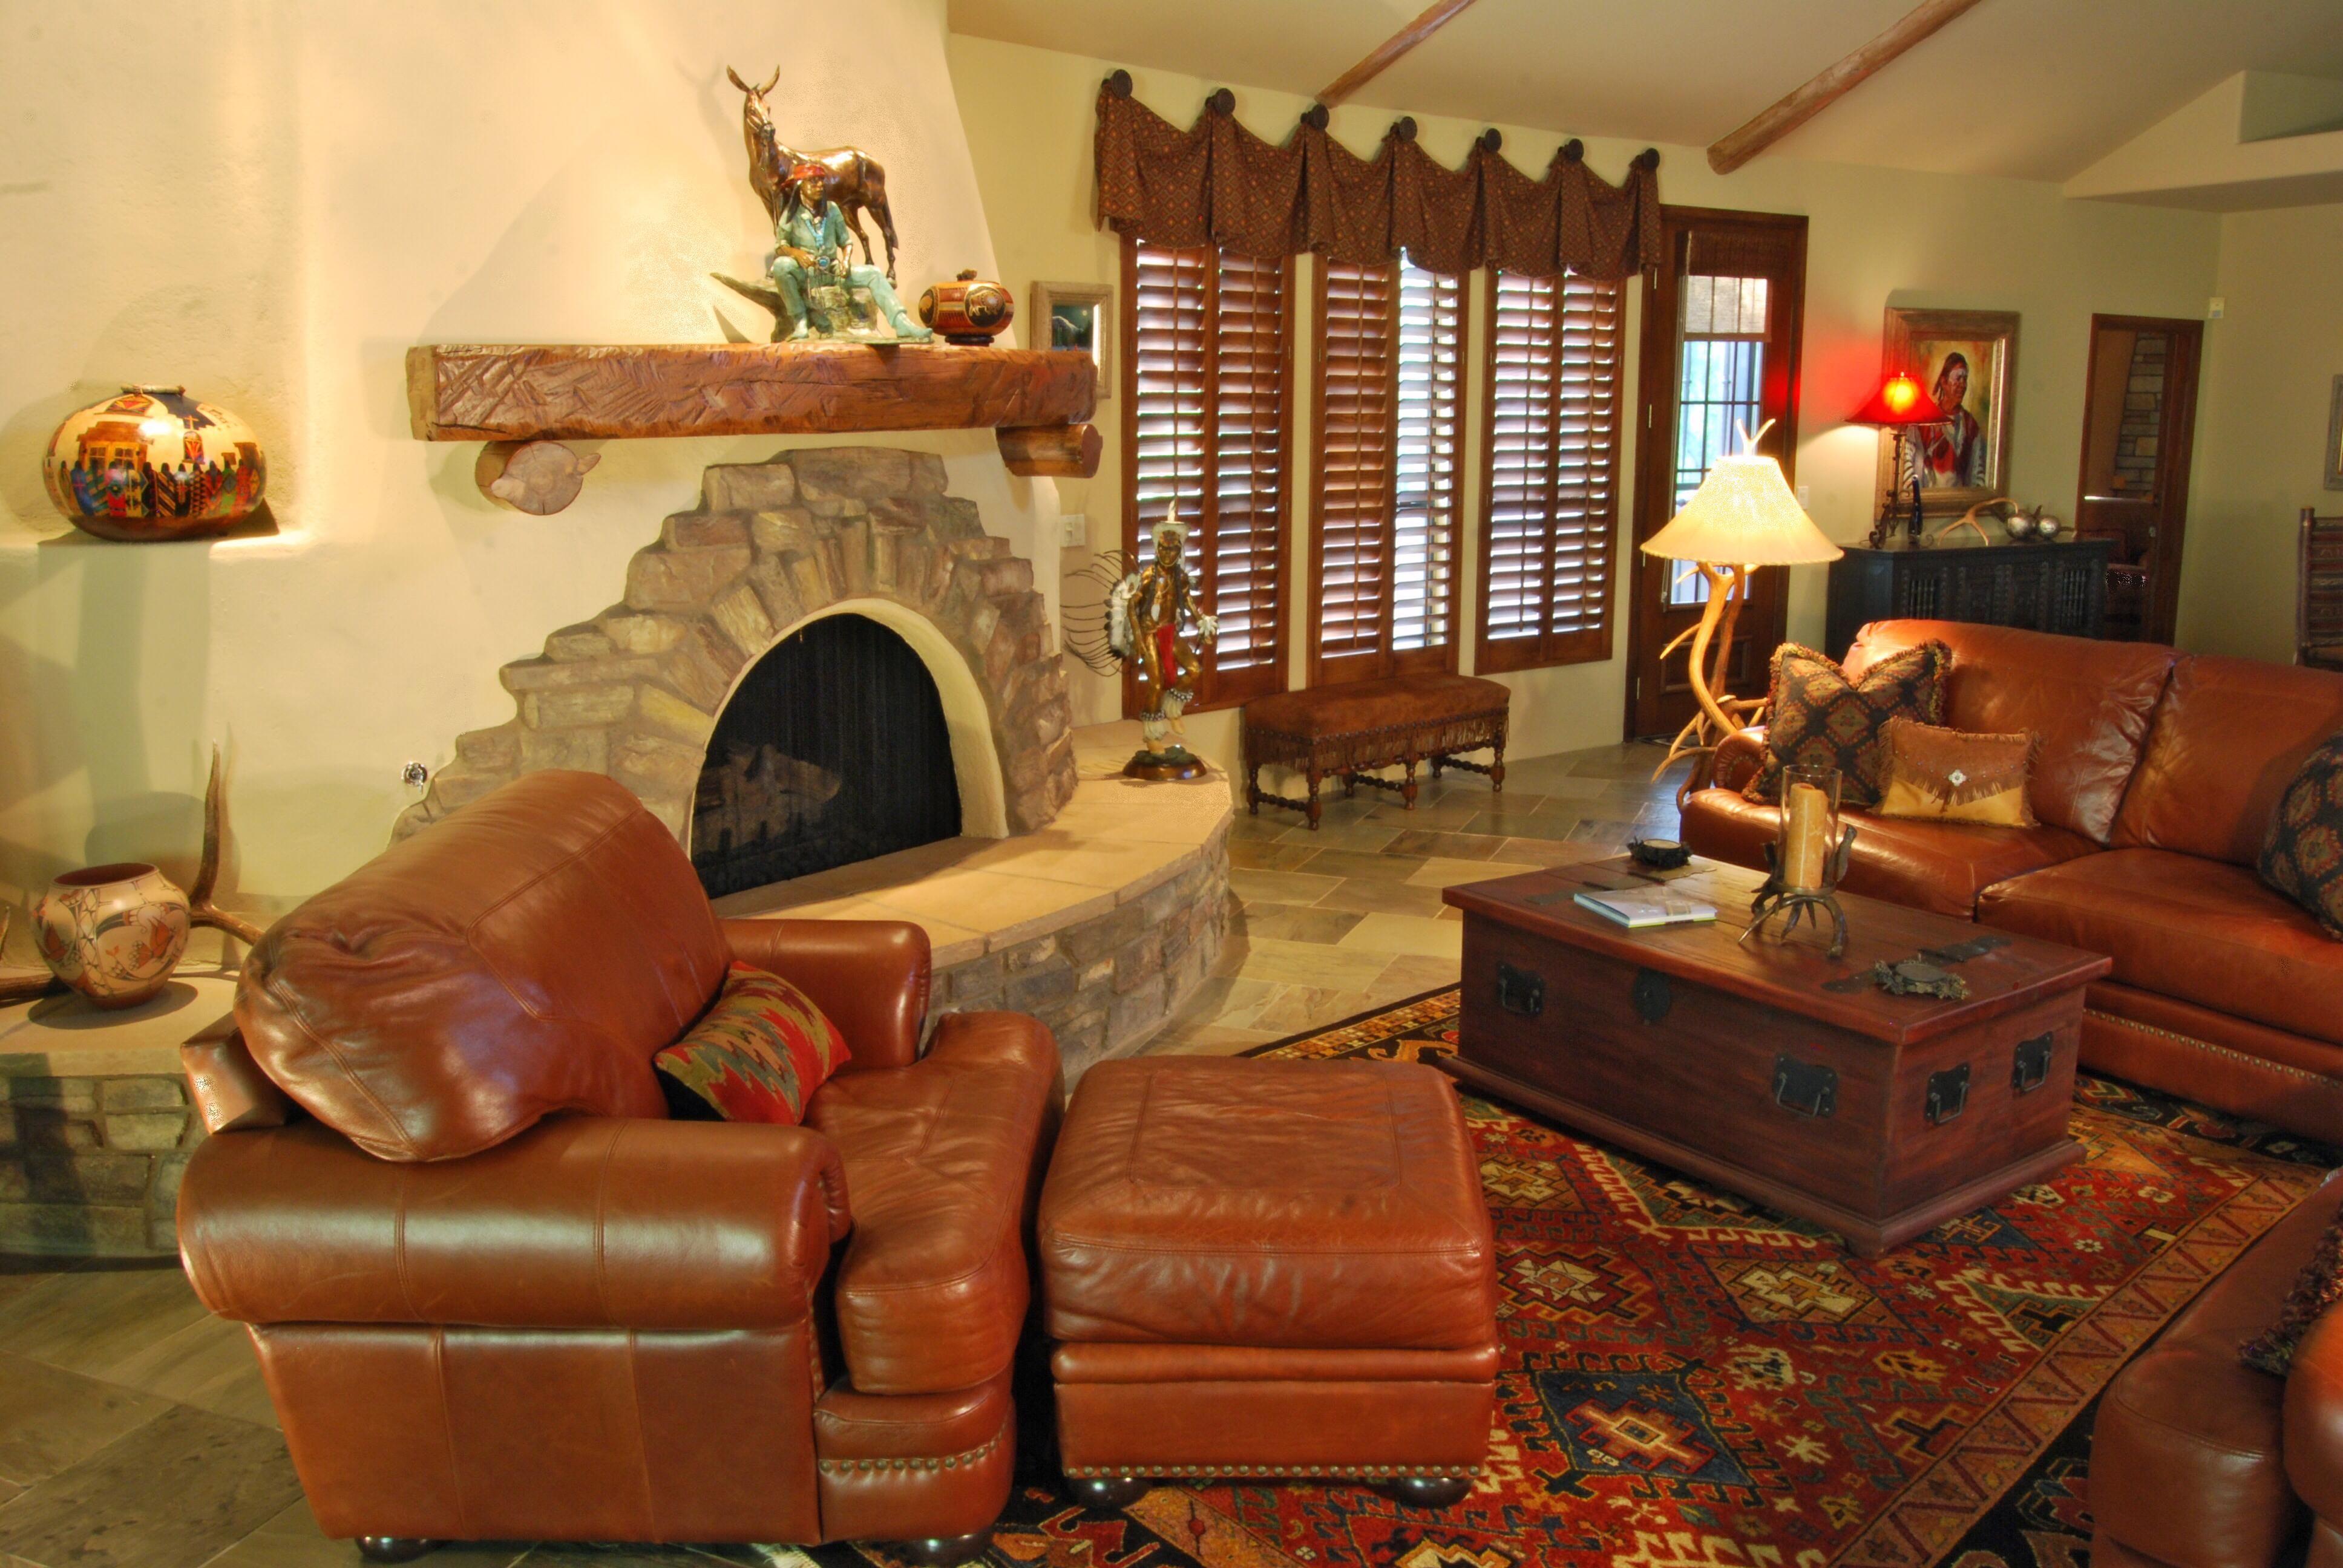 South West Interior Design Ideas